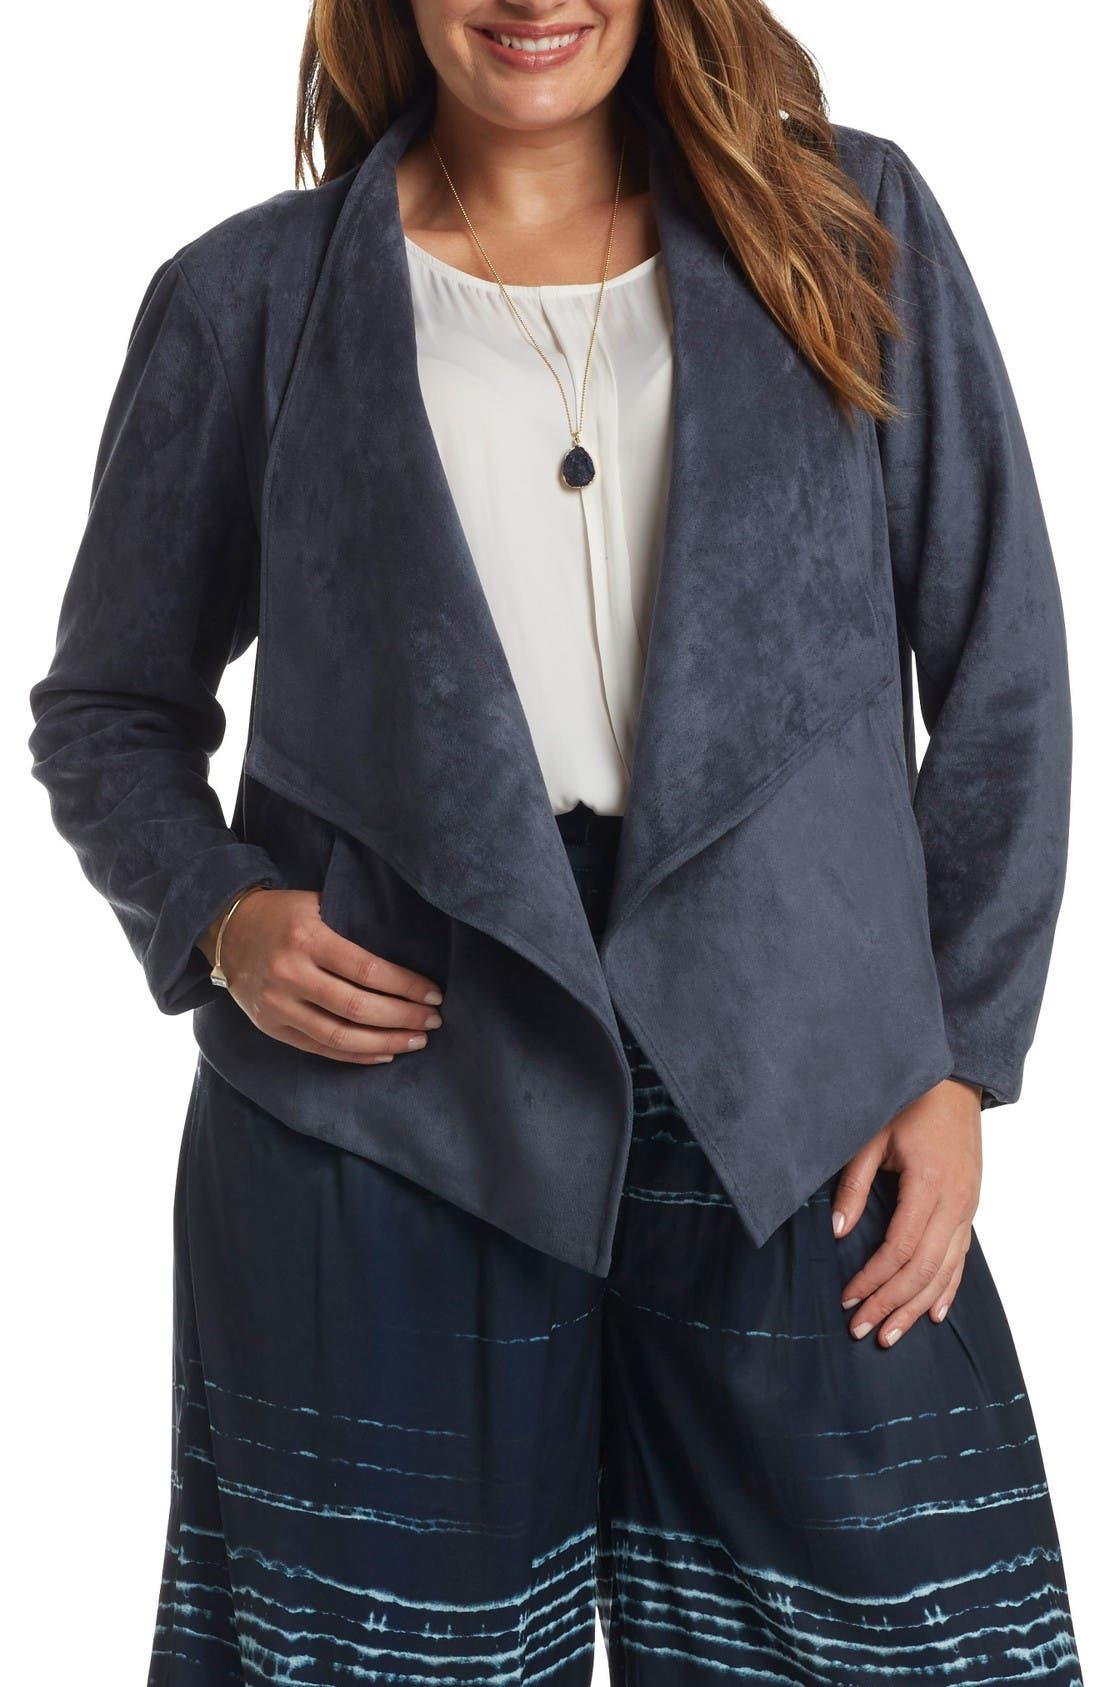 Sybil Faux Suede Drape Front Jacket,                         Main,                         color, Steel Blue